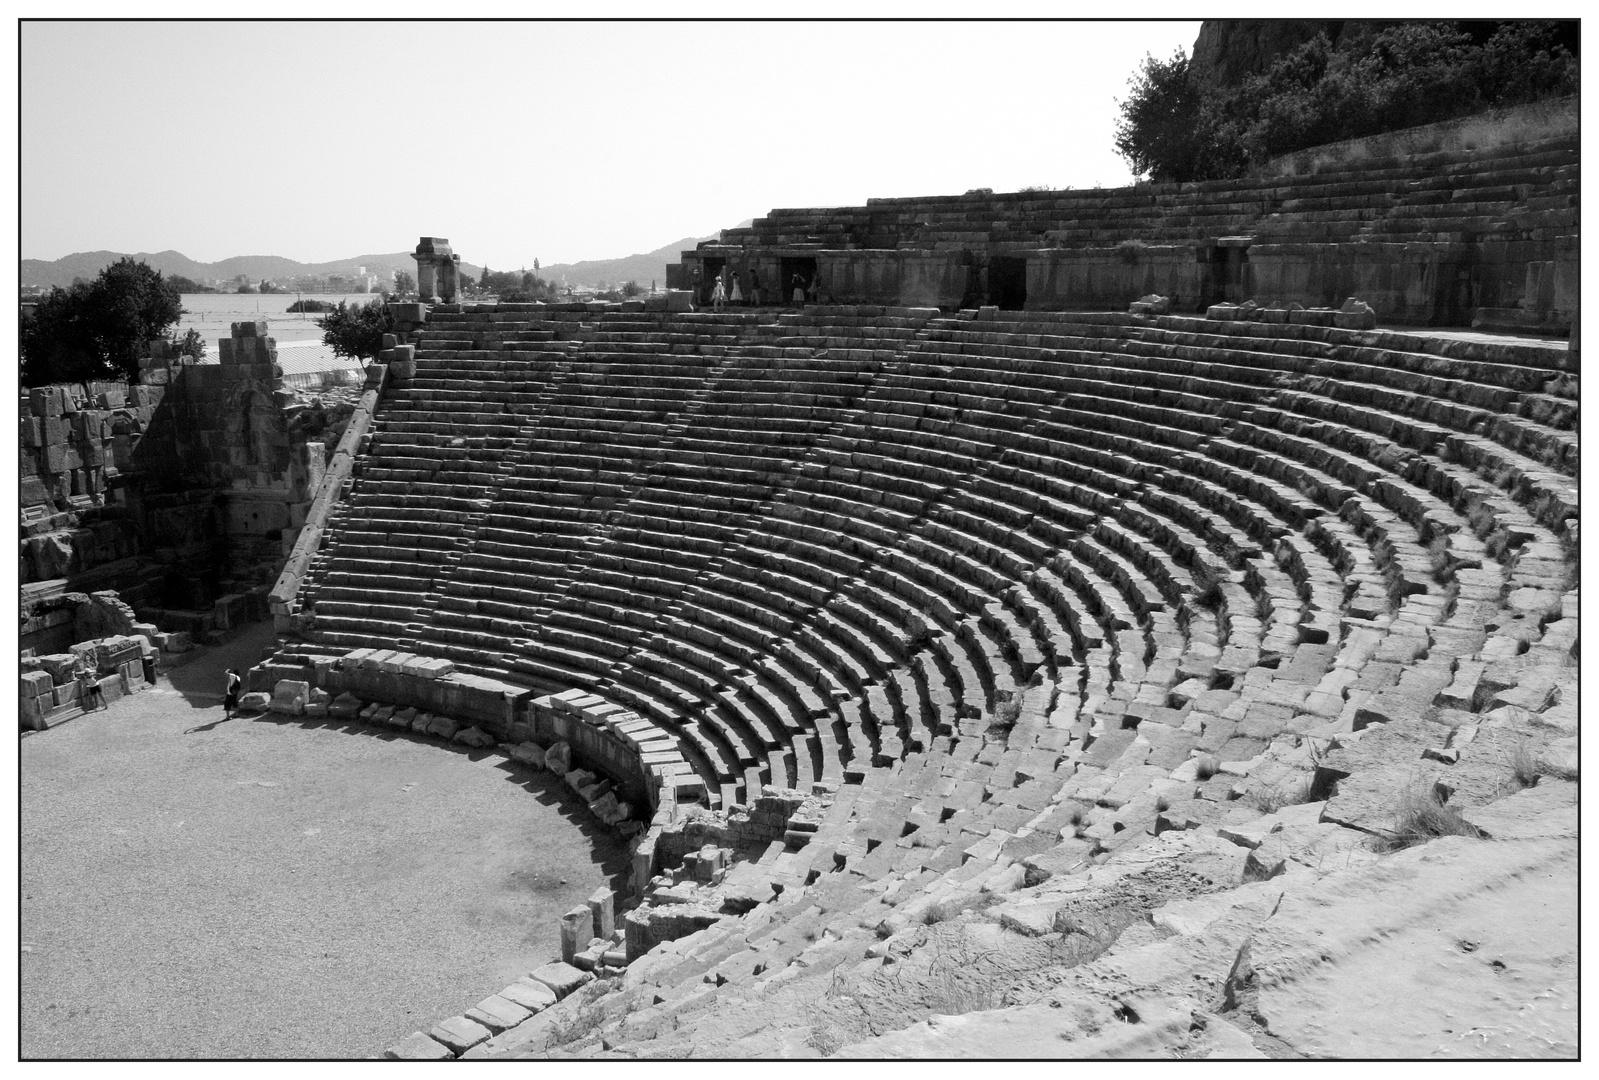 Myra / Türkei, Römisches Amphitheater